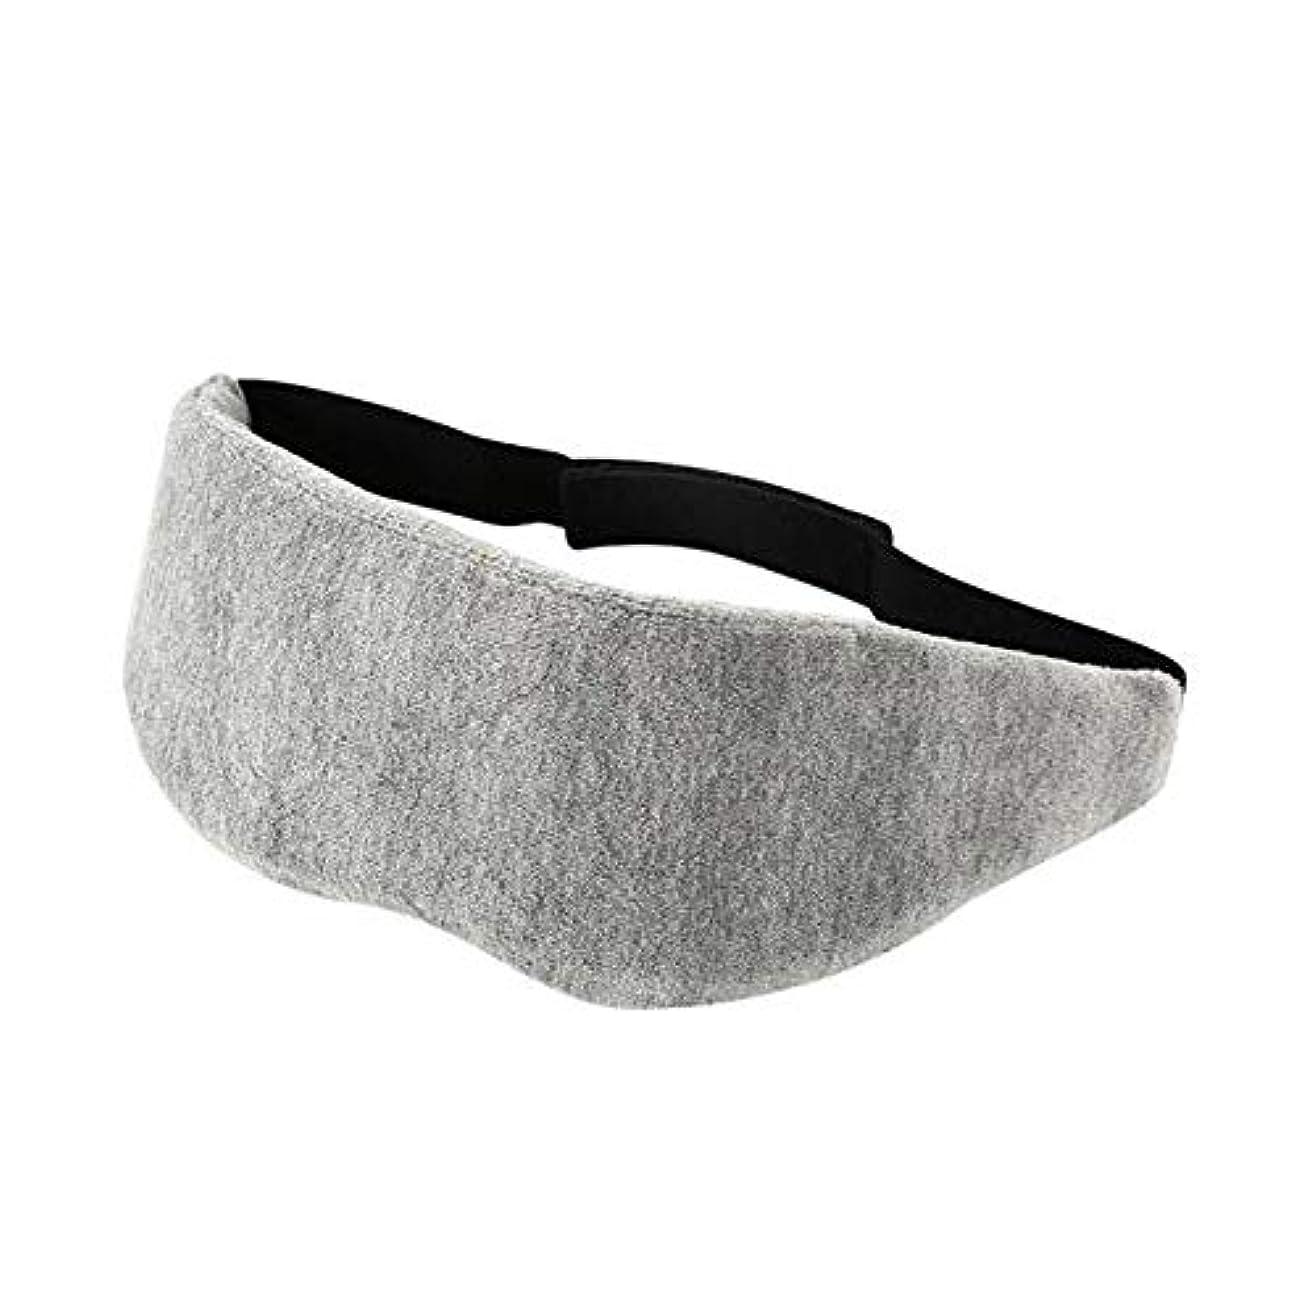 見かけ上緊張する順応性HUICHEN ゴーグルに通気性の眼圧を逃がし、目の疲労を遮断厚いメモリ泡、昼寝旅行アーティファクトゴーグルを寝3Dゴーグル (Color : Gray)